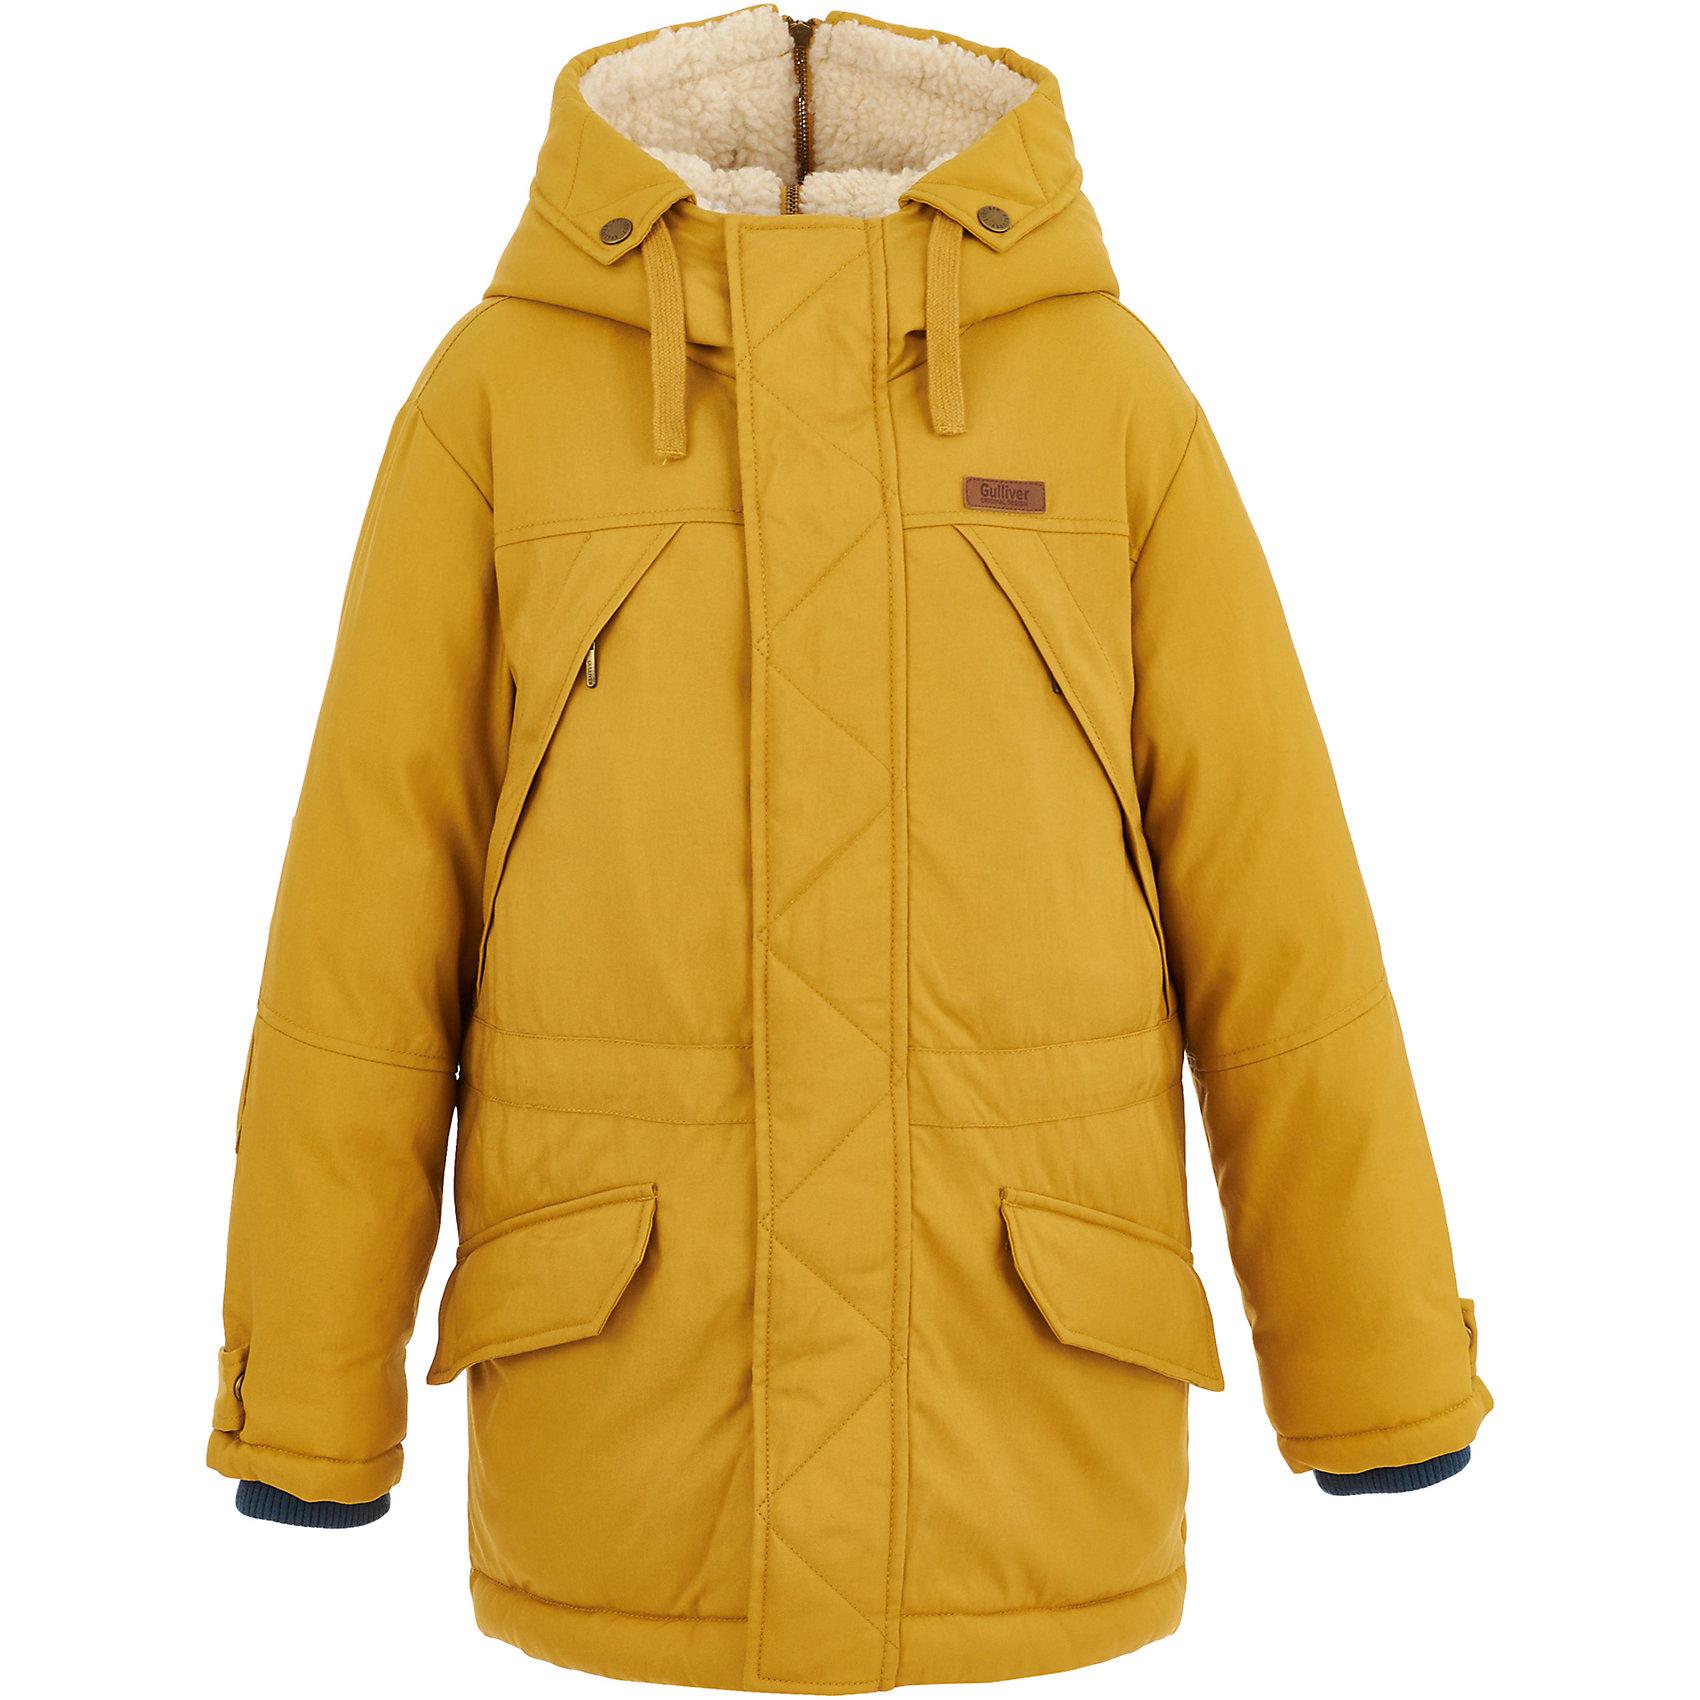 Полупальто Gulliver для мальчикаВерхняя одежда<br>Полупальто Gulliver для мальчика<br>Какими бы красивыми и комфортными не были детские куртки, они никогда не заменят пальто! Пальто с детства делает ребенка джентльменом. Оно выглядит элегантно, изысканно и не уступает куртке в функциональности. Модное пальто из сукна глубокого зеленого цвета - прекрасная возможность подчеркнуть индивидуальность ребенка, сделав его осенний гардероб стильным и выразительным. Если вы хотите приобрести ребенку достойную вещь для осенней погоды, обратите внимание на это пальто! Модная, красивая, комфортная, практичная вещь станет ярким акцентом образа ребенка.<br>Состав:<br>верх:  25% шерсть  75% полиэстер; подкладка: 100% полиэстер; утеплитель: 100% полиэстер<br><br>Ширина мм: 356<br>Глубина мм: 10<br>Высота мм: 245<br>Вес г: 519<br>Цвет: желтый<br>Возраст от месяцев: 96<br>Возраст до месяцев: 108<br>Пол: Мужской<br>Возраст: Детский<br>Размер: 134,140,122,128<br>SKU: 7076984